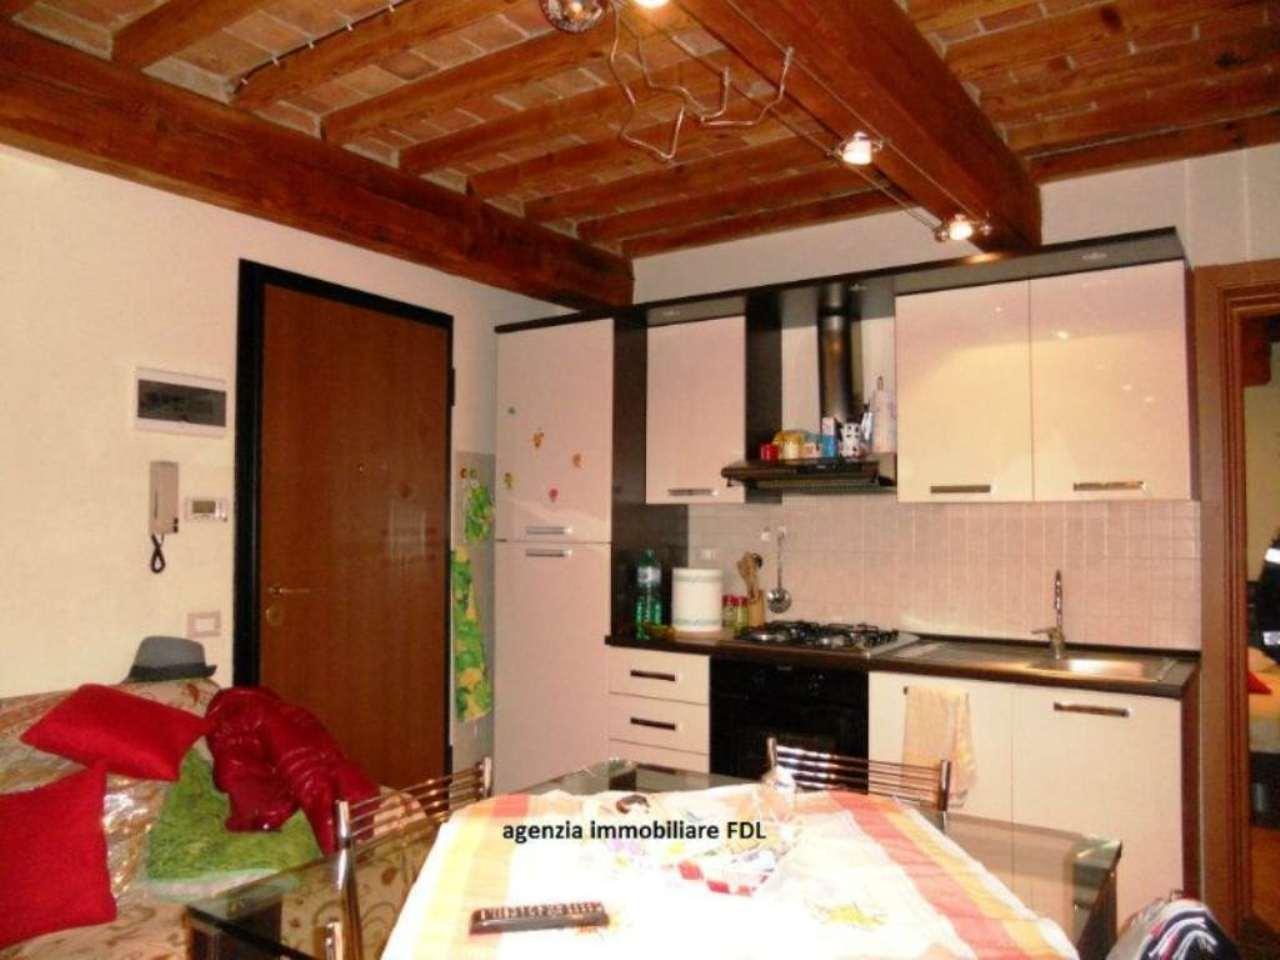 Appartamento in vendita a Peccioli, 2 locali, prezzo € 90.000 | Cambio Casa.it